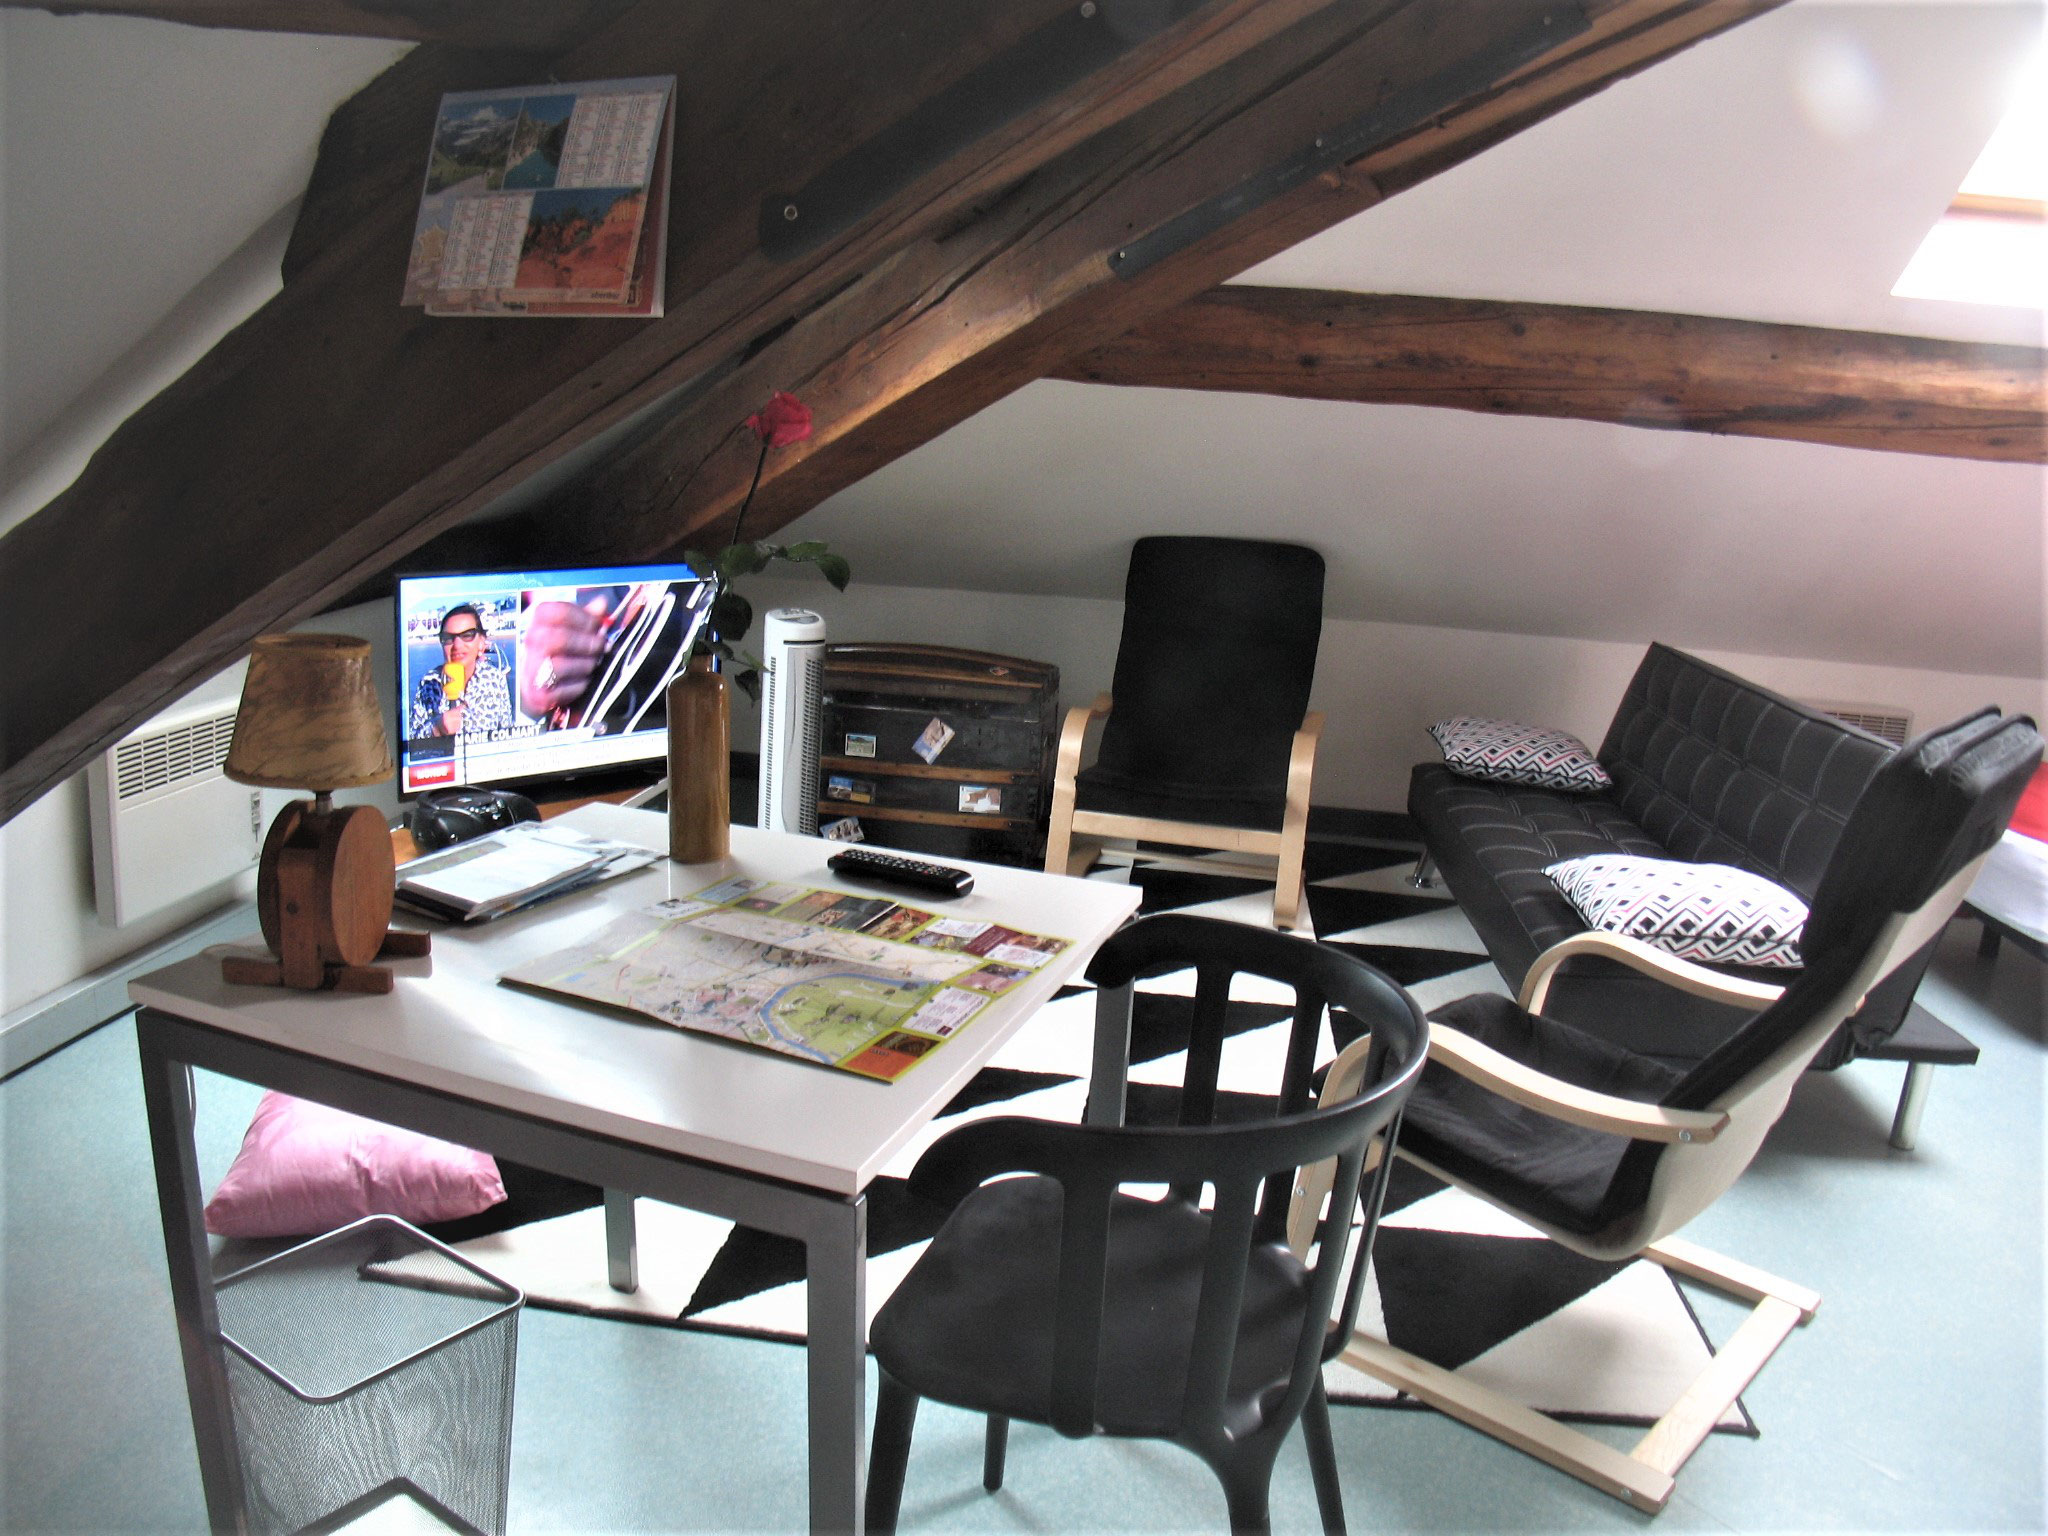 location appartement saisonnier grenoble le stendhal location saisonni re logement tourisme. Black Bedroom Furniture Sets. Home Design Ideas